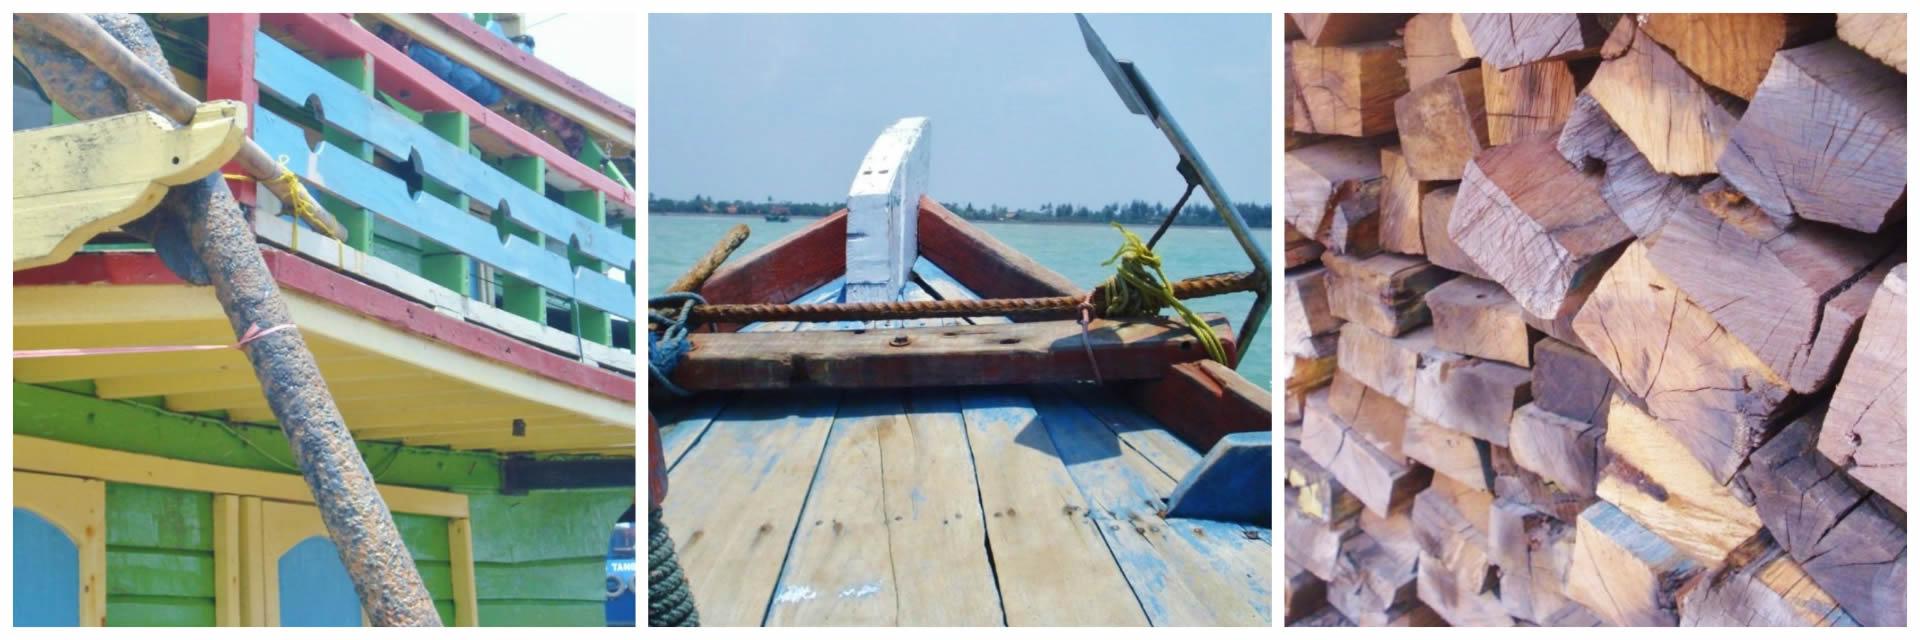 Eco responsabilit le design au service de l for Petit bateau brest siam